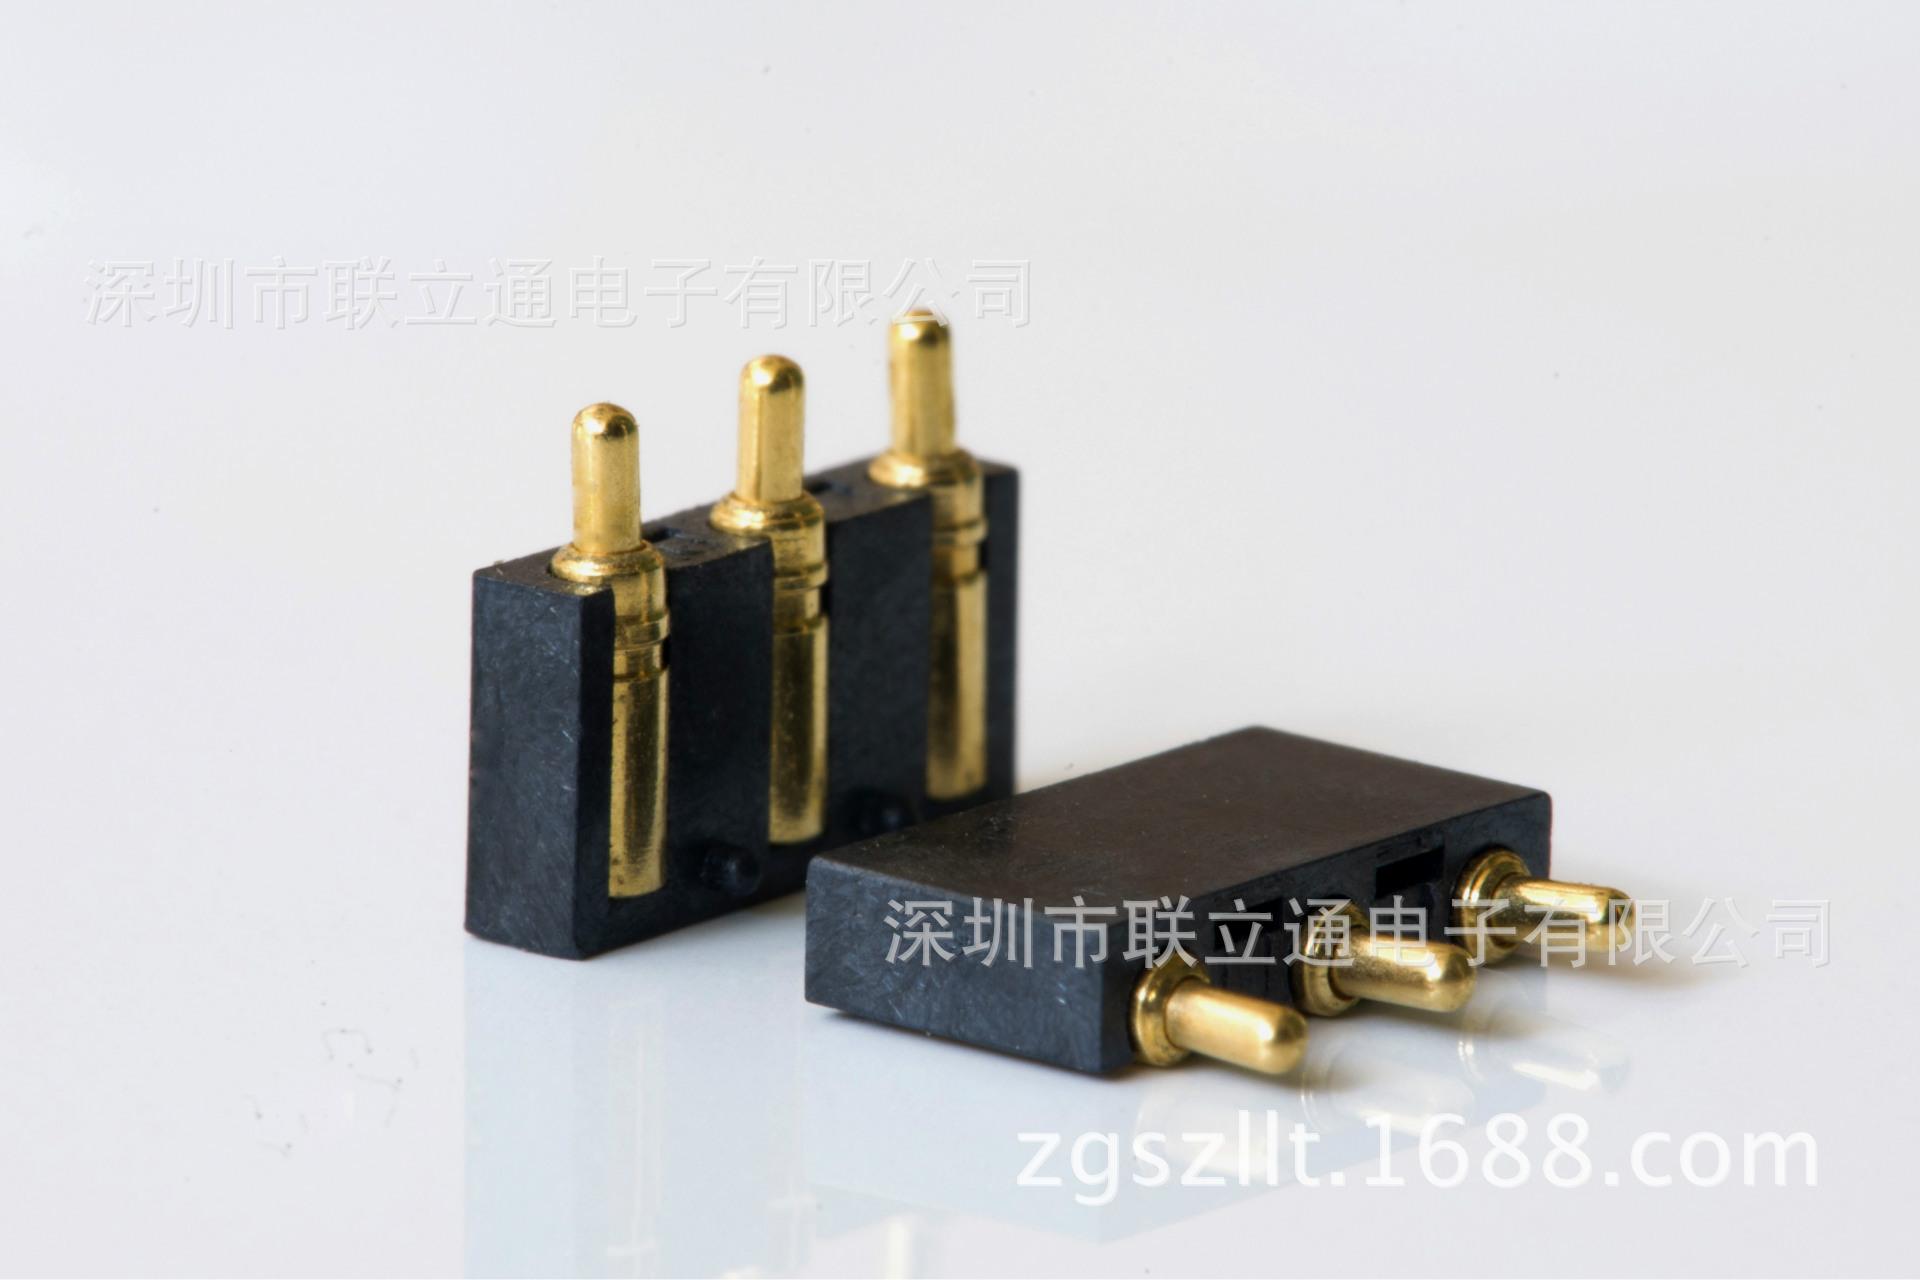 欢迎定制各类弹簧针连接器 LLT 针座/插针 点对点 多合一